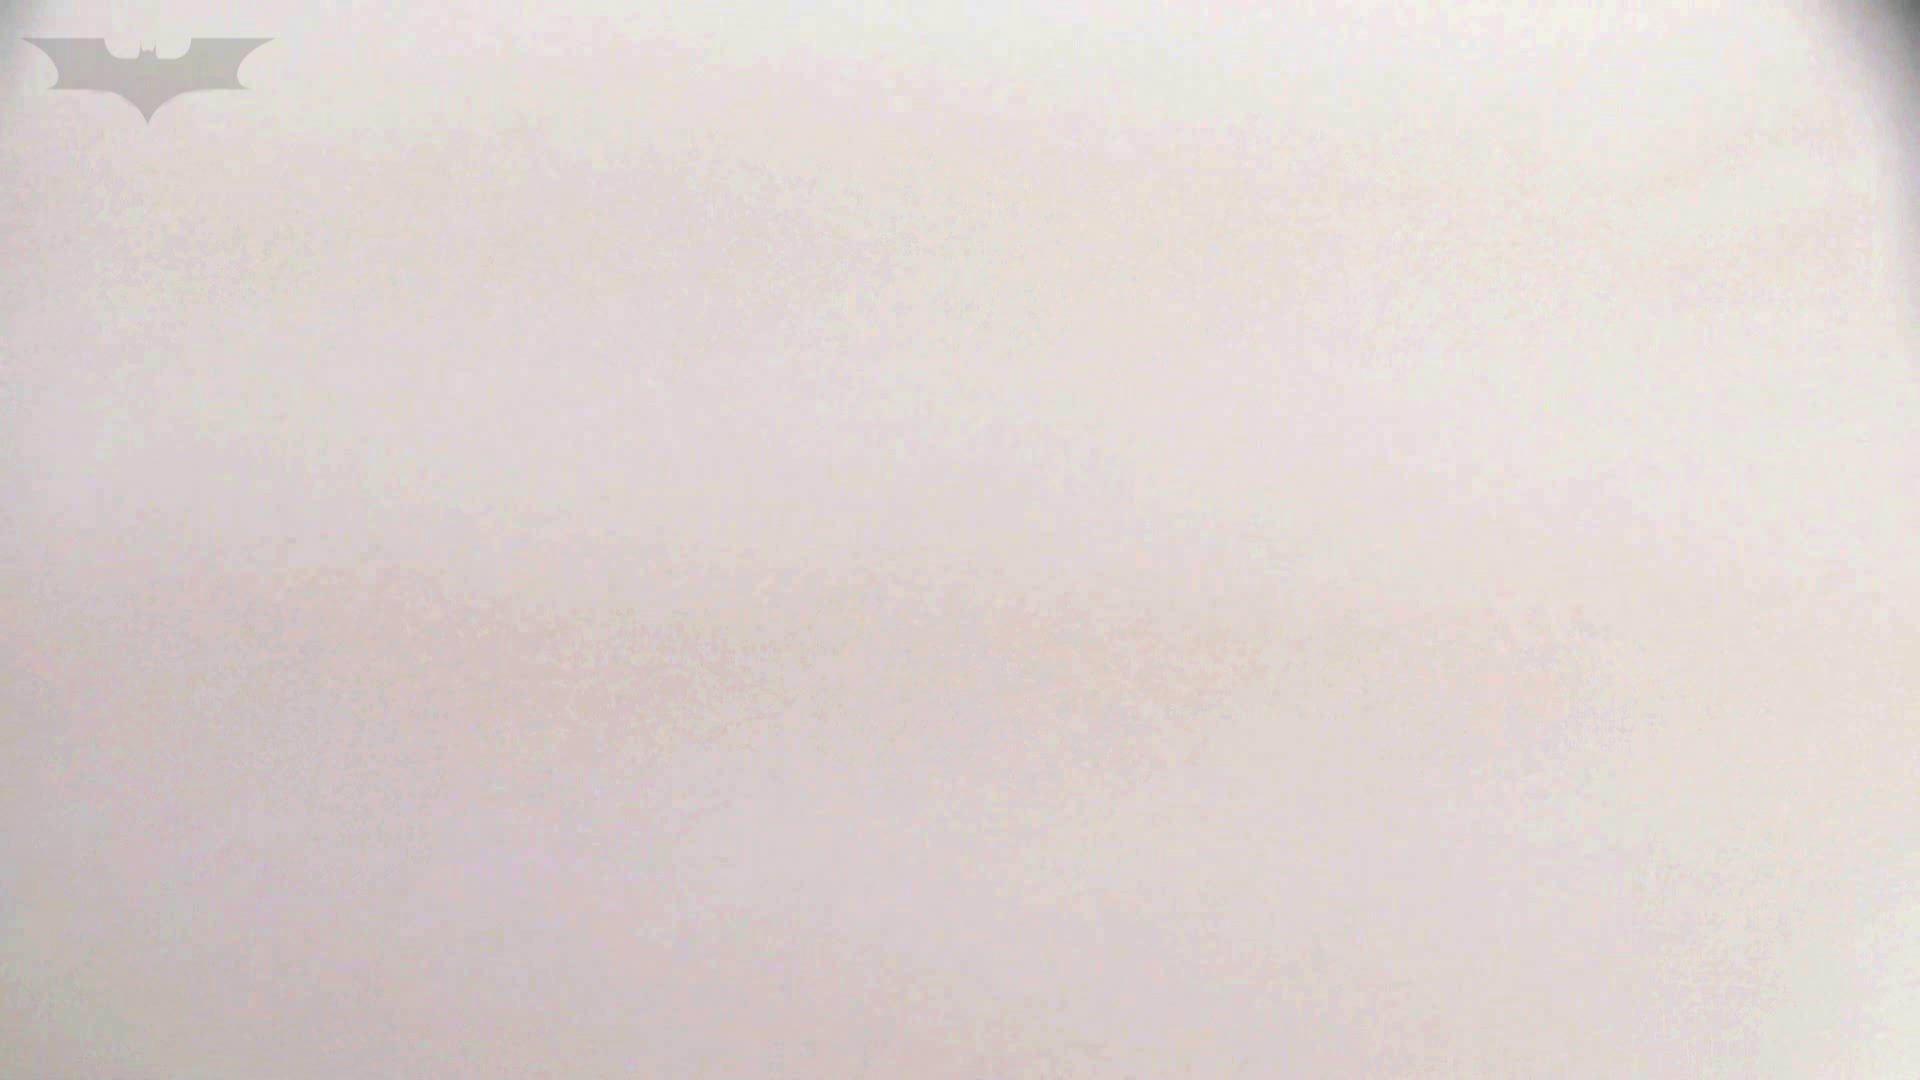 洗面所特攻隊 vol.74 last 2総勢16名激撮【2015・29位】 洗面所 | OLのボディ  85PIX 47